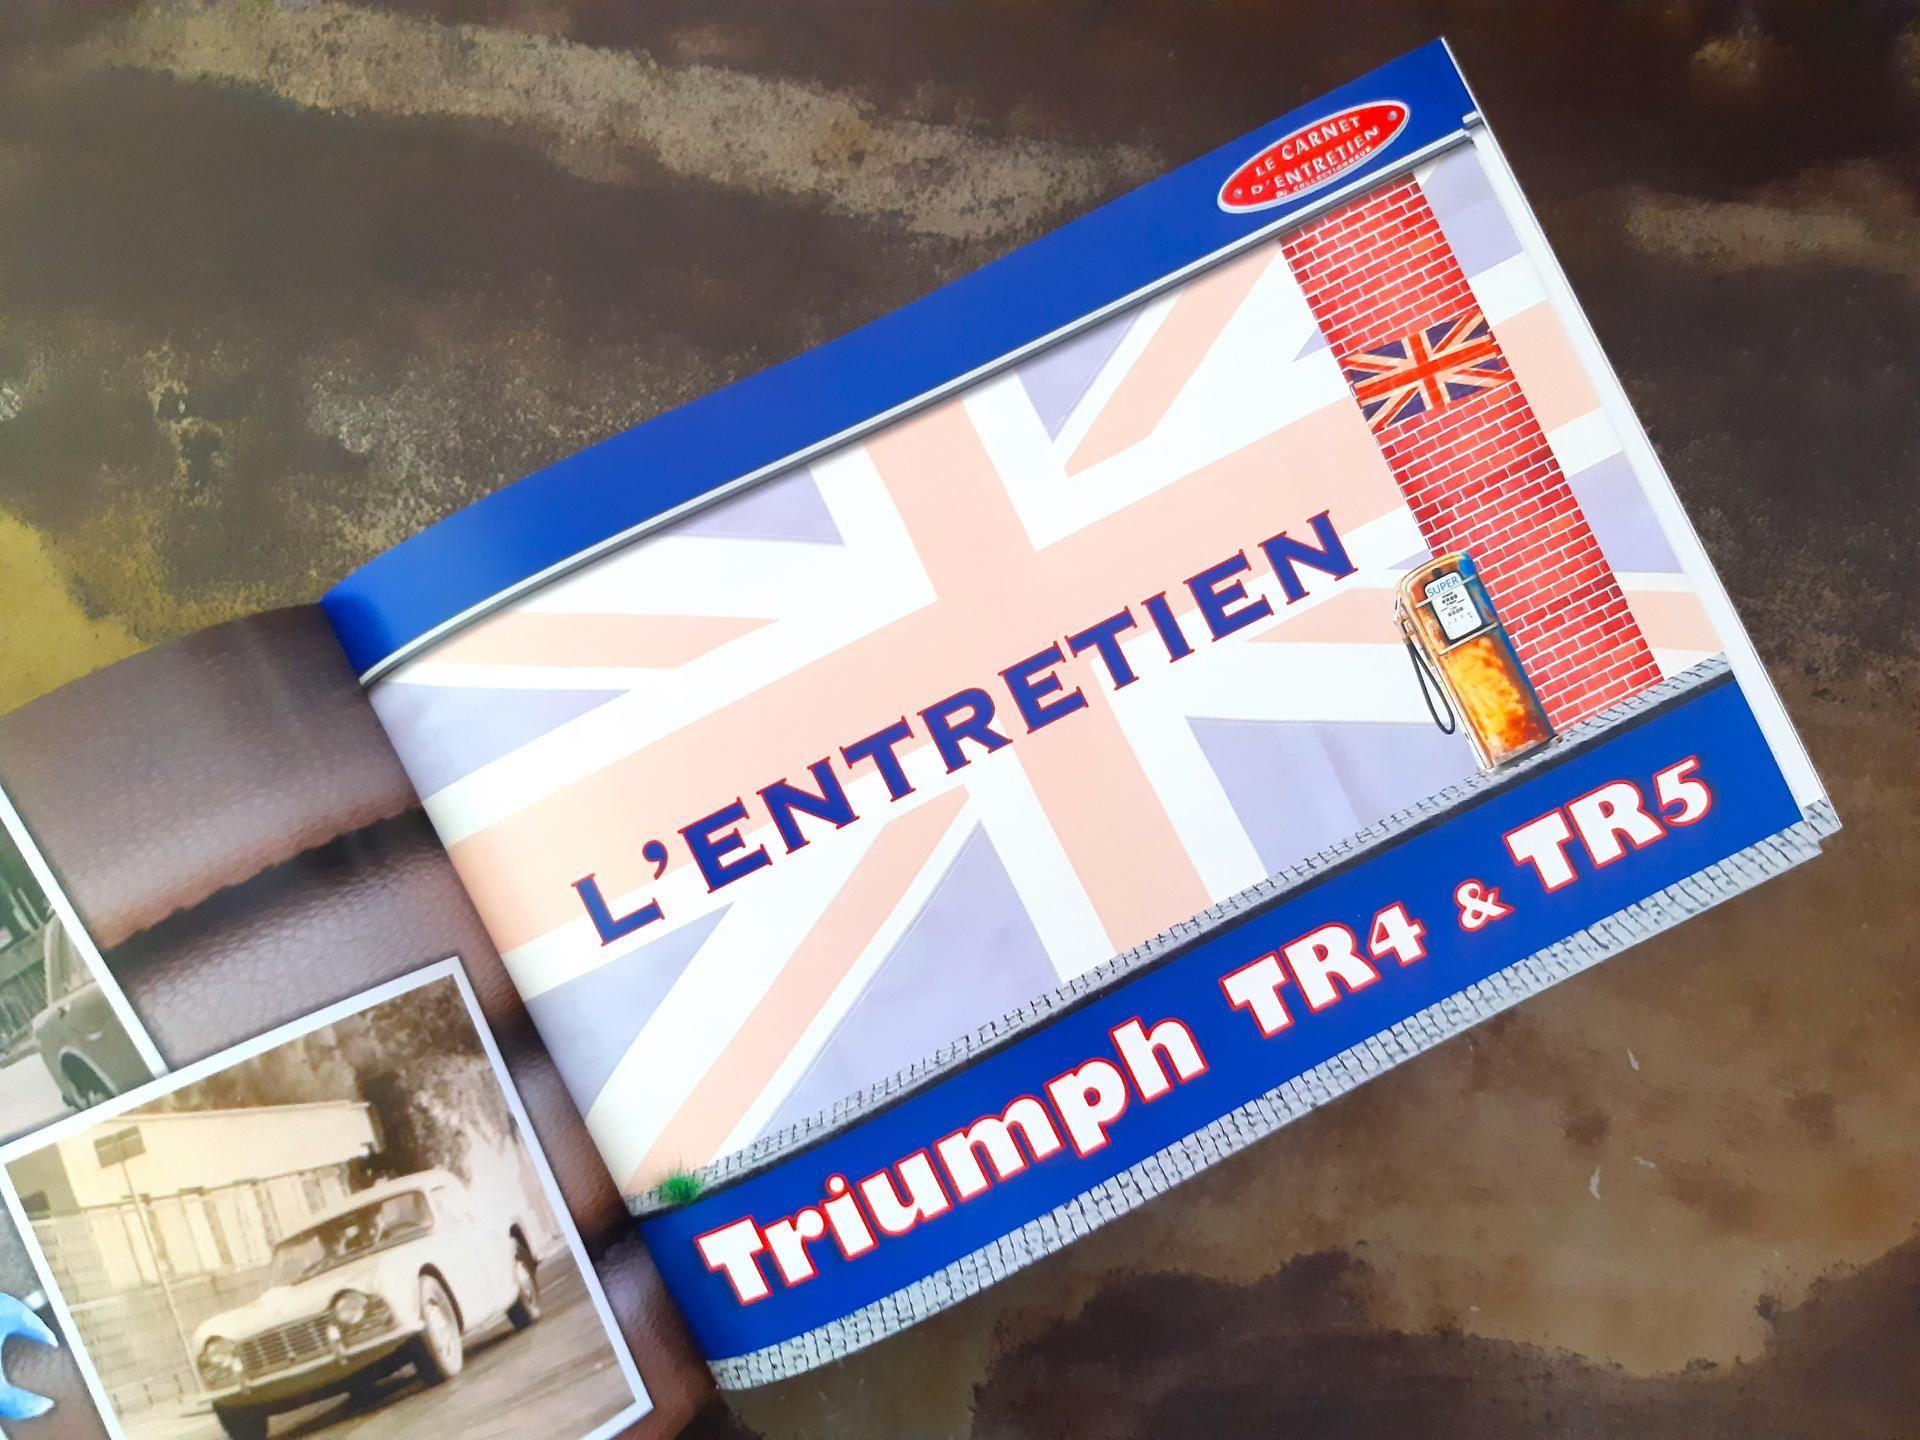 Carnet d entretien triumph tr4 et 5